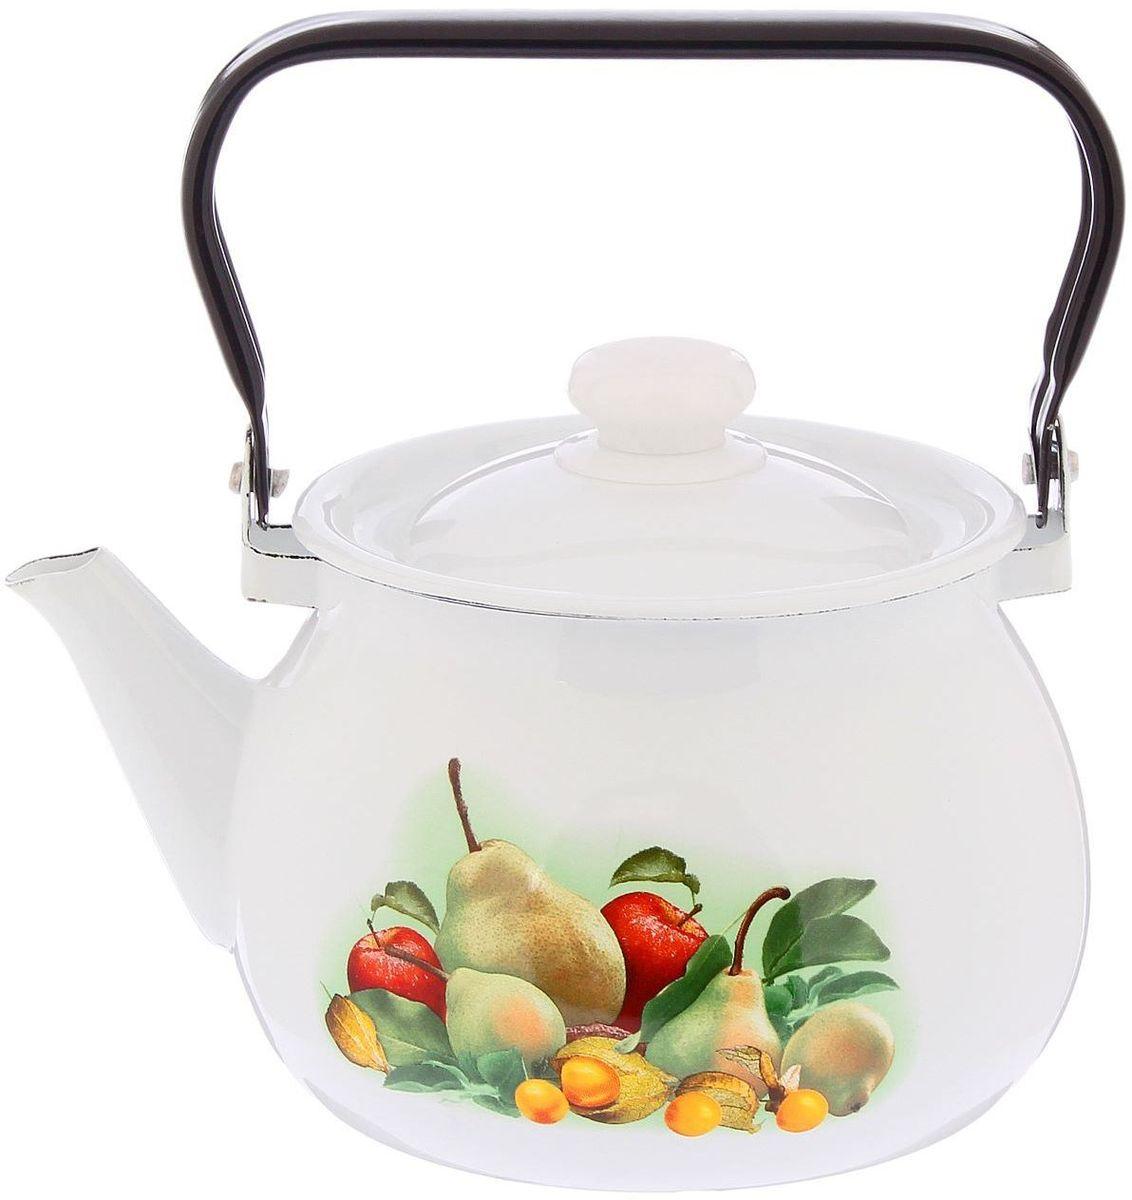 Чайник Epos Грушка , 2 лVT-1520(SR)Согласитесь, и профессиональному повару, и любителю поэкспериментировать на кухне, и тому, кто к стряпанью не имеет никакого отношения, не обойтись без элементарных предметов, столовые принадлежности, аксессуары для приготовления и хранения пищи — незаменимые вещи для всех, кто хочет порадовать свою семью аппетитными блюдами. Душевная атмосфера и со вкусом накрытый стол всегда будут собирать в вашем доме близких и друзей.